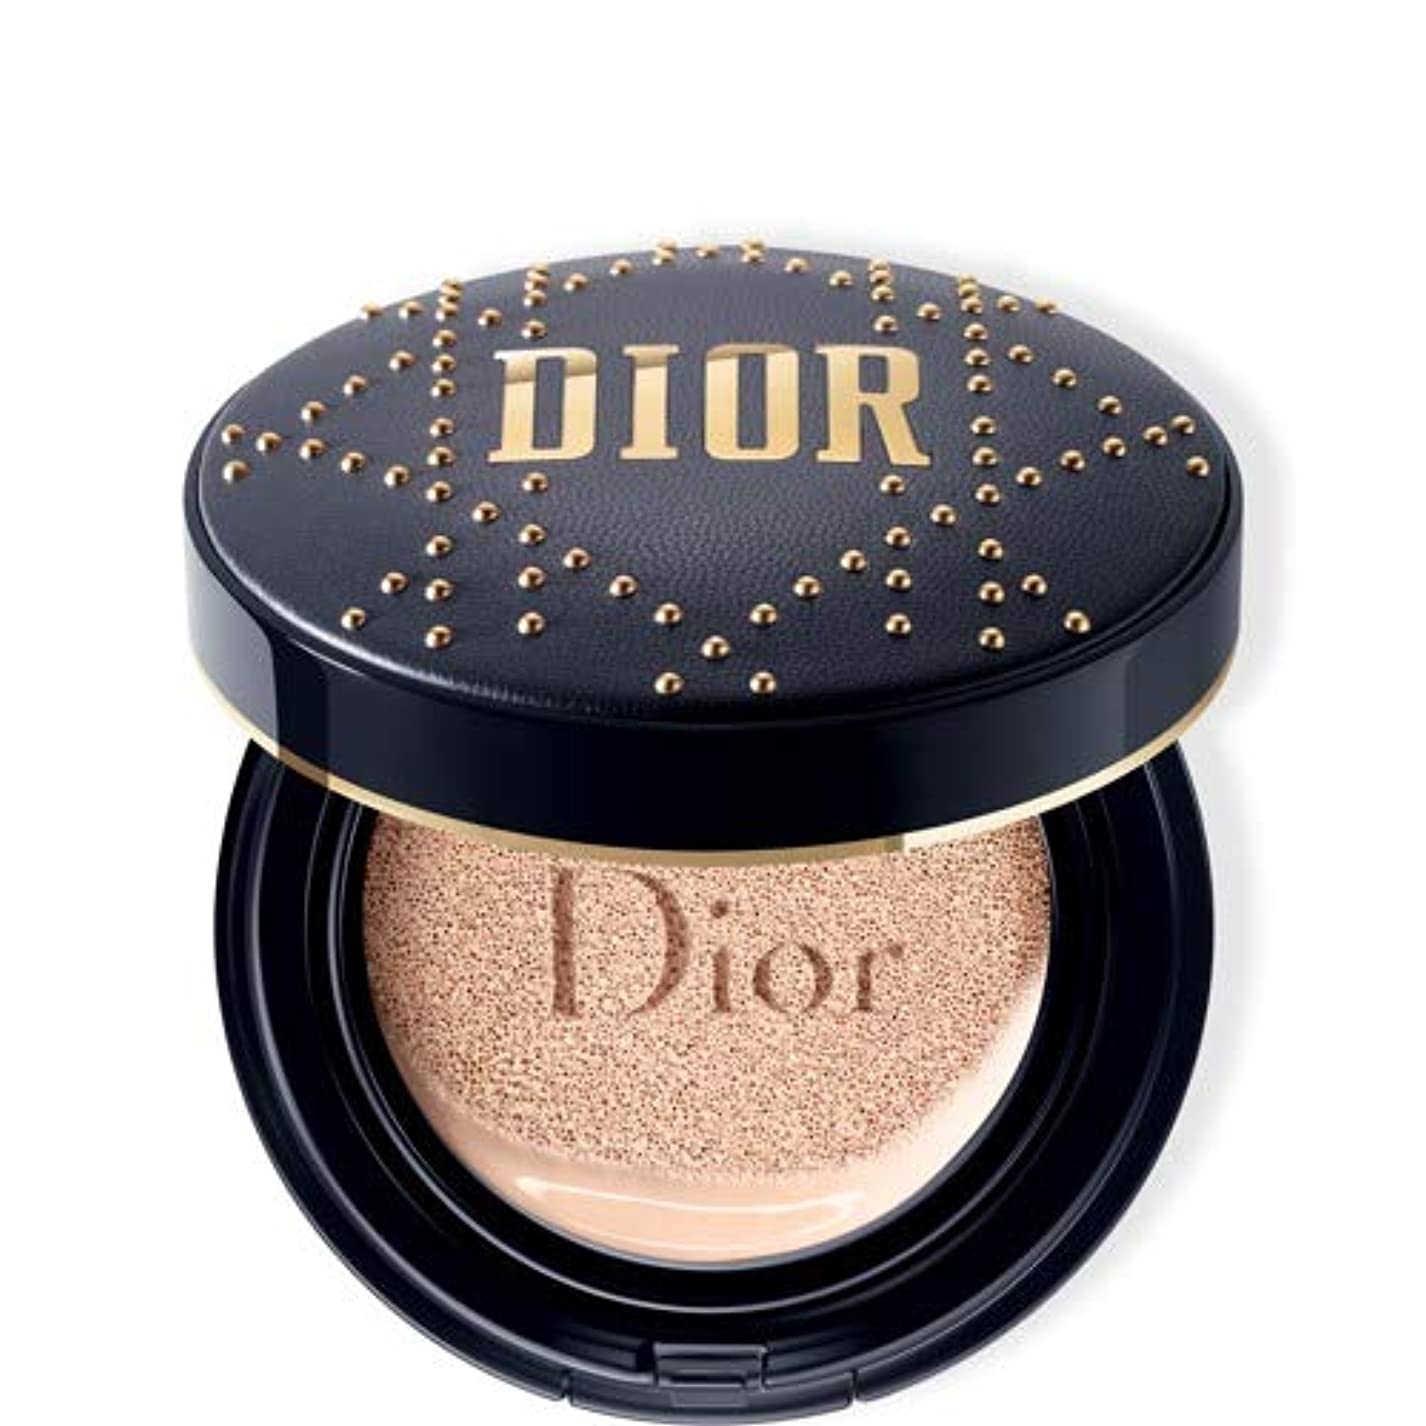 ジム回答海岸Dior(ディオール)スキン フォーエヴァー クッション - 限定スタッズ カナージュ ケース #020